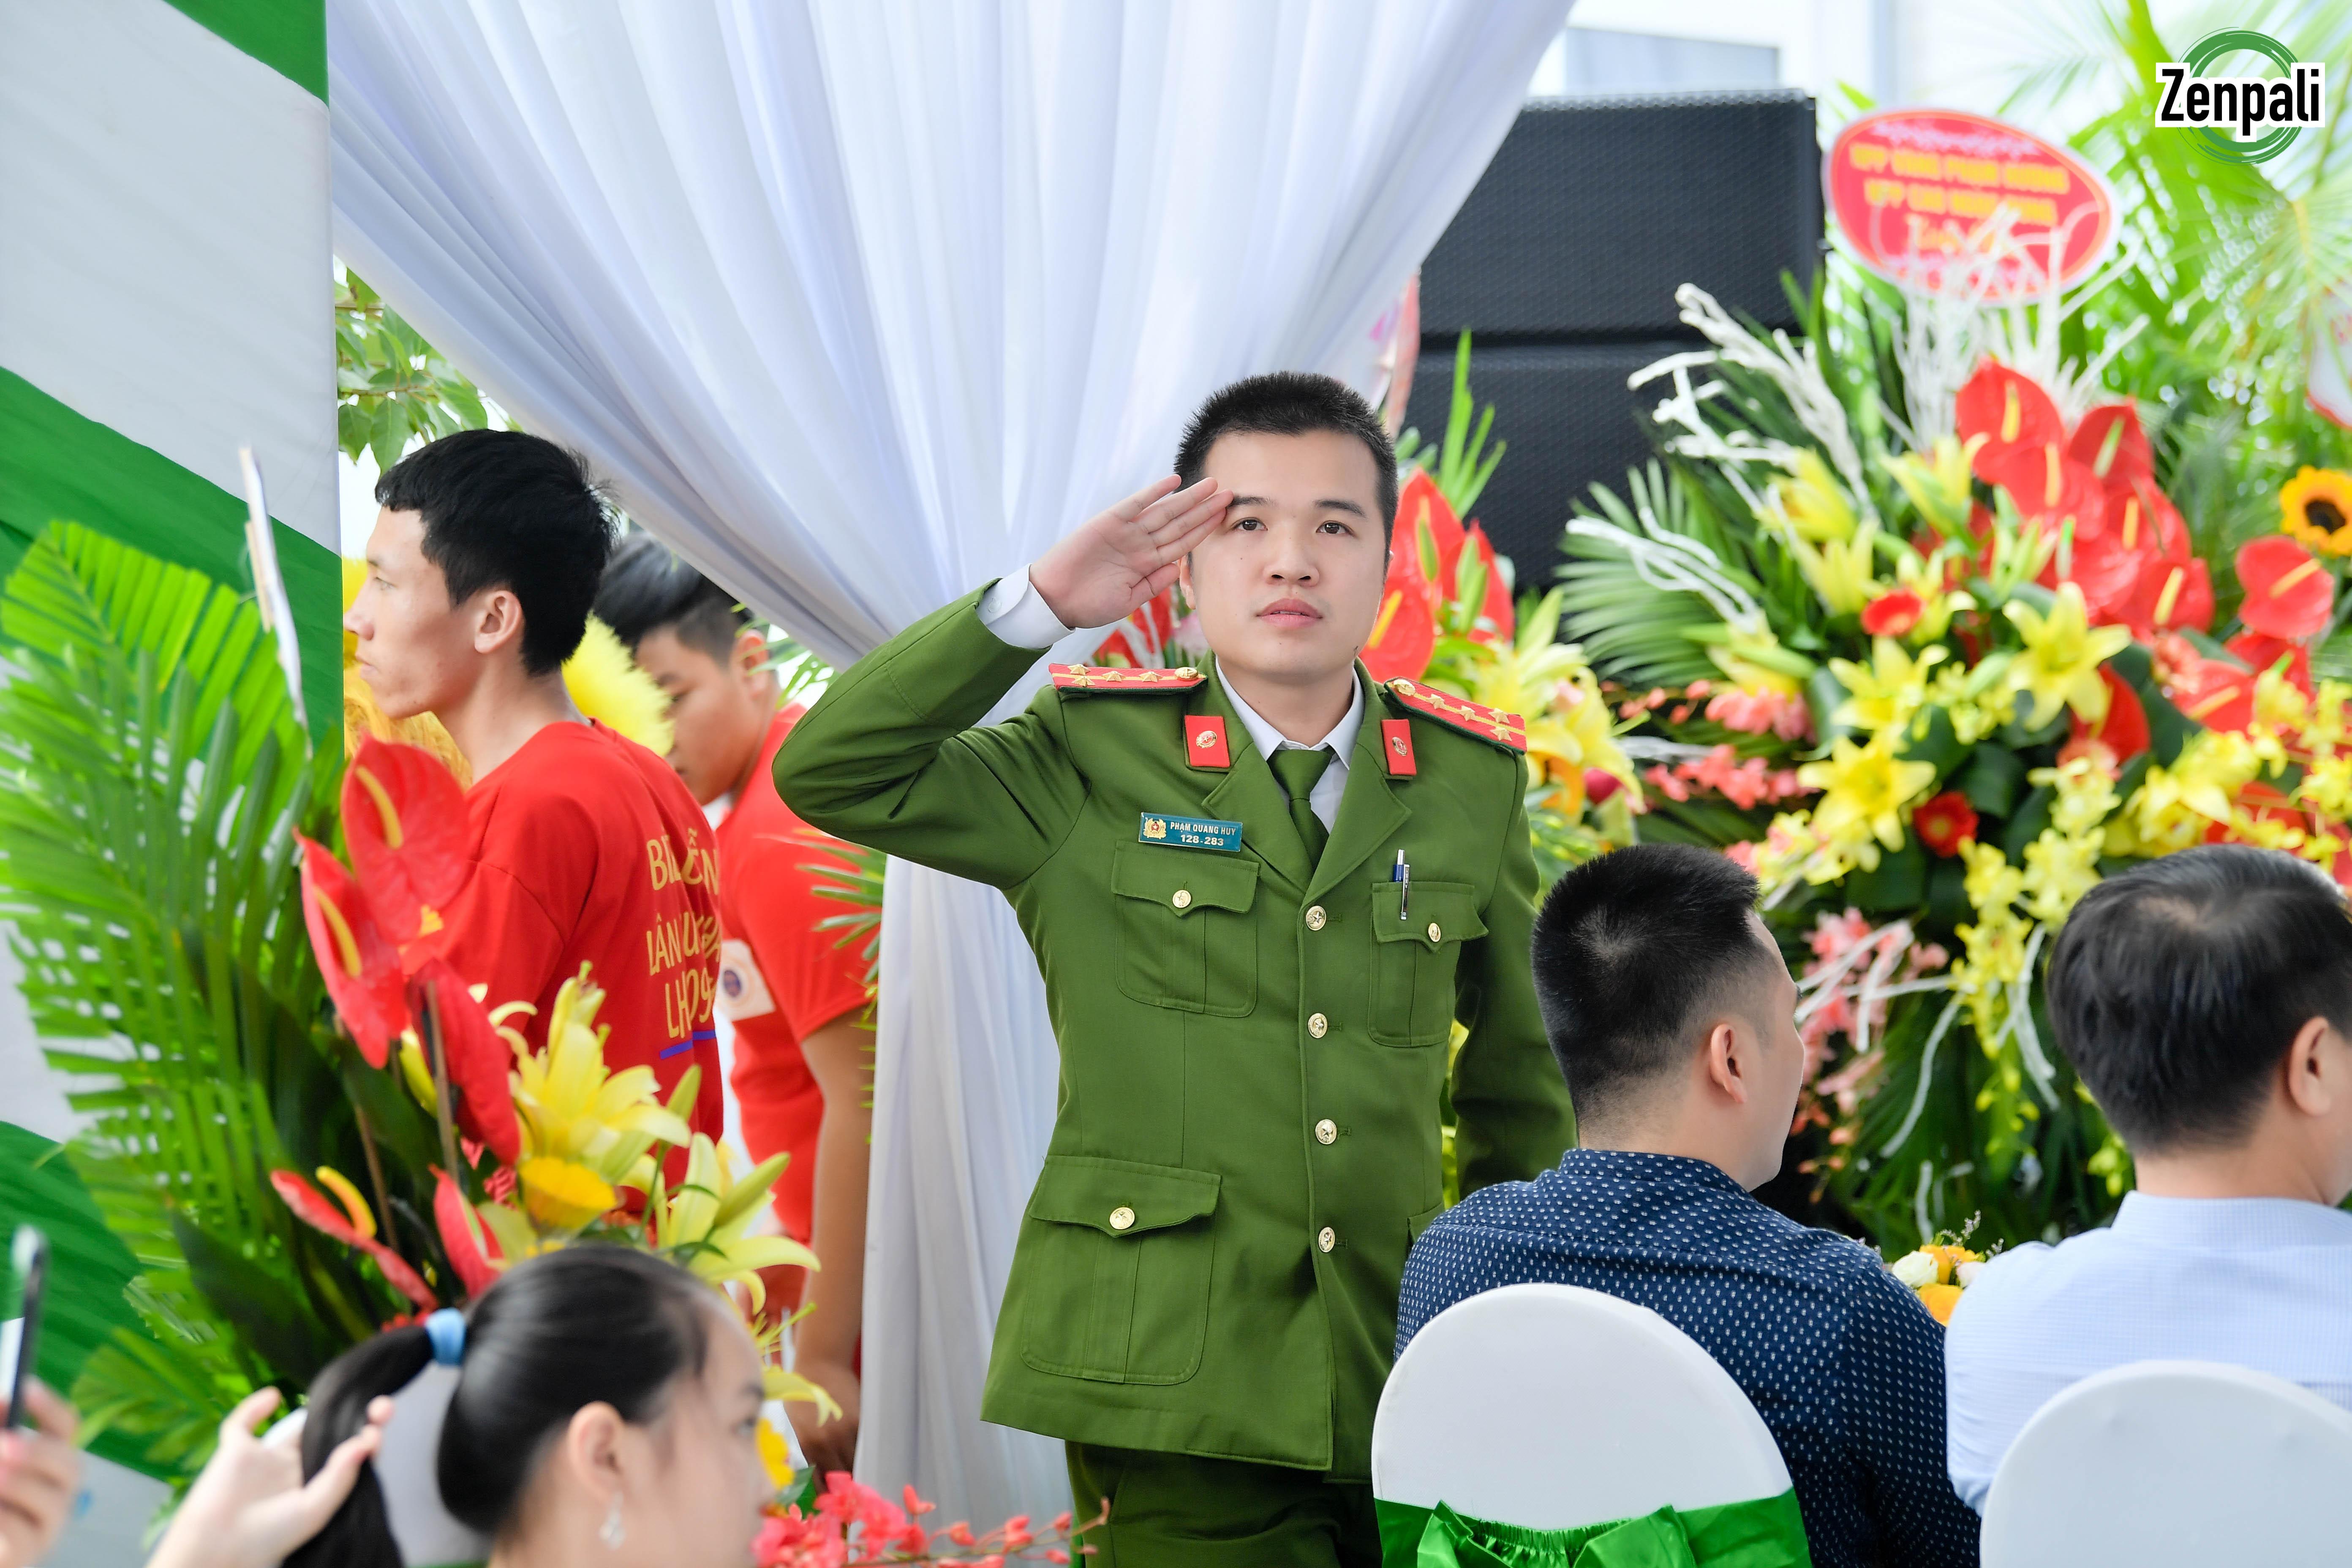 Đại uý Phạm Quang Huy - Cán bộ quản lý địa bàn PCCC - cứu nạn cứu hộ Khu CN Phú Nghĩa